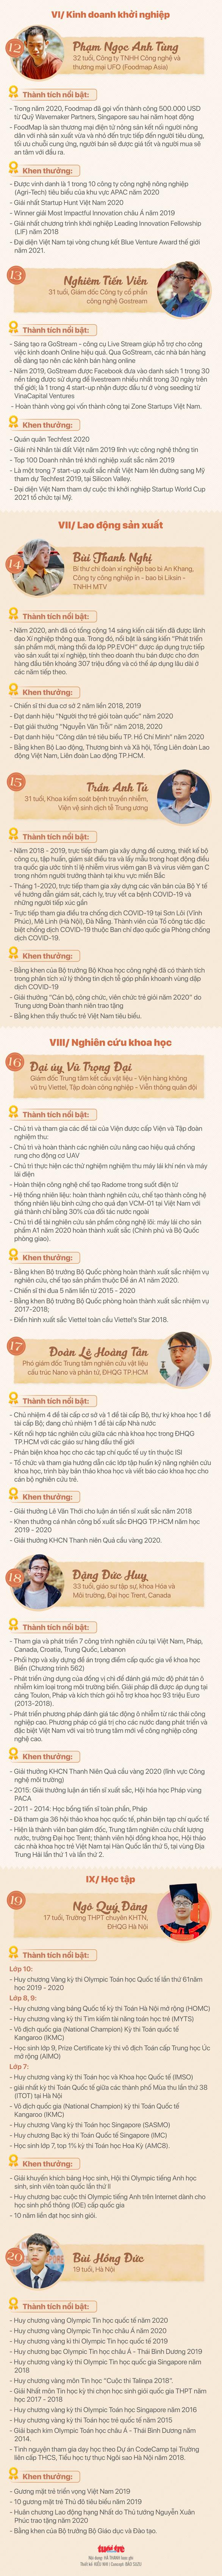 Mời bạn bình chọn 10 gương mặt trẻ Việt tài năng, truyền cảm hứng năm 2020 - Ảnh 2.